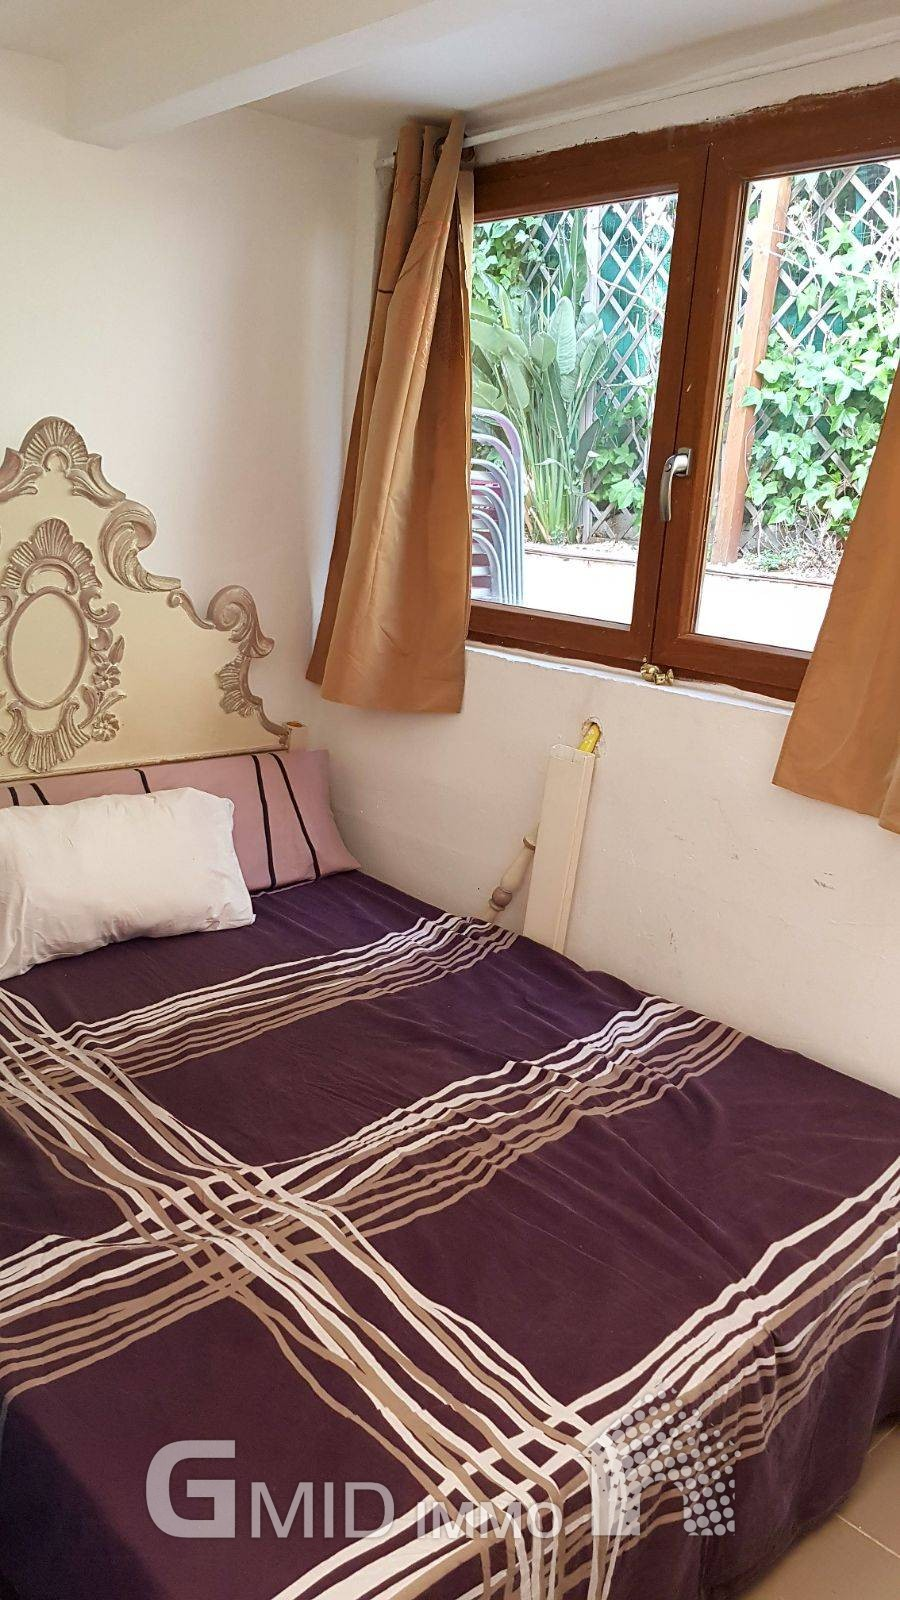 Casa con 4 camere da letto con vista mare e montagna in Mas Fumats ...